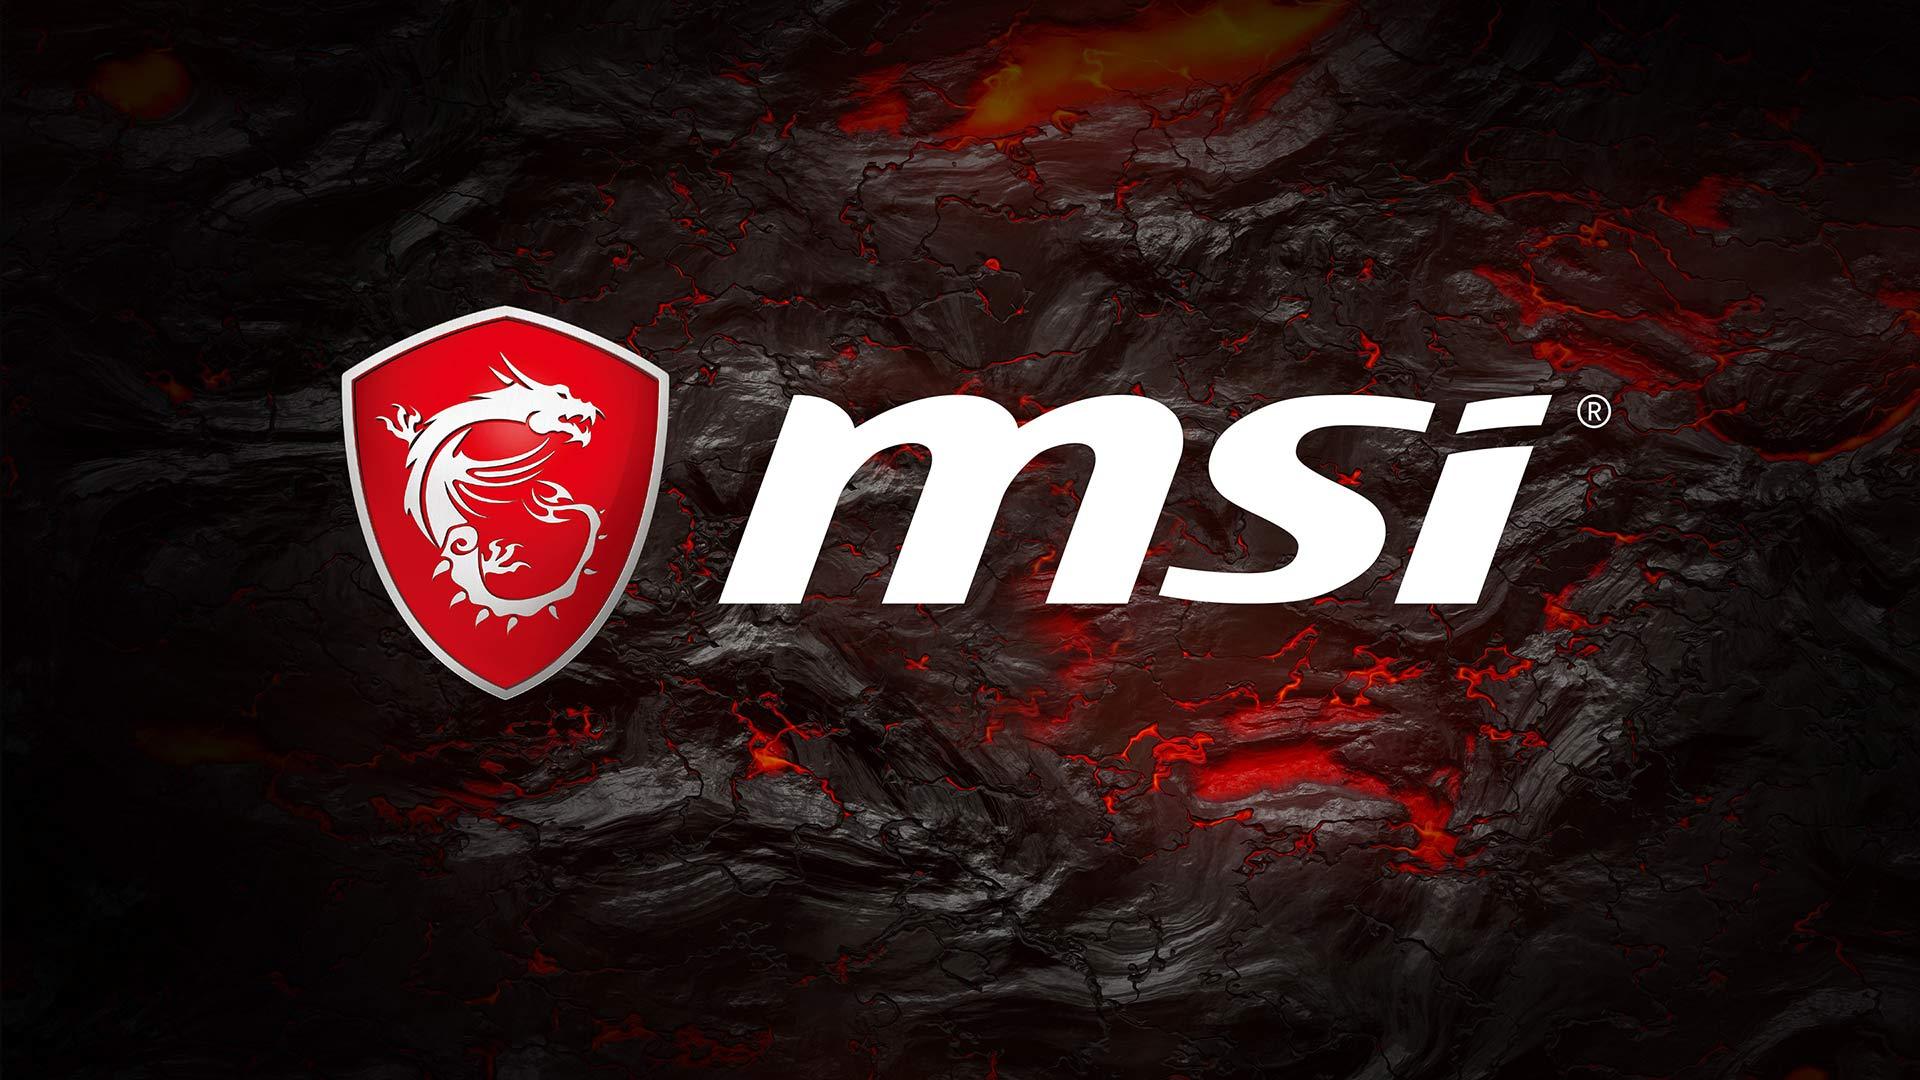 MSI покажет новое топовое железо для геймеров на «ИгроМире 2018» и Comic Con Russia 2018